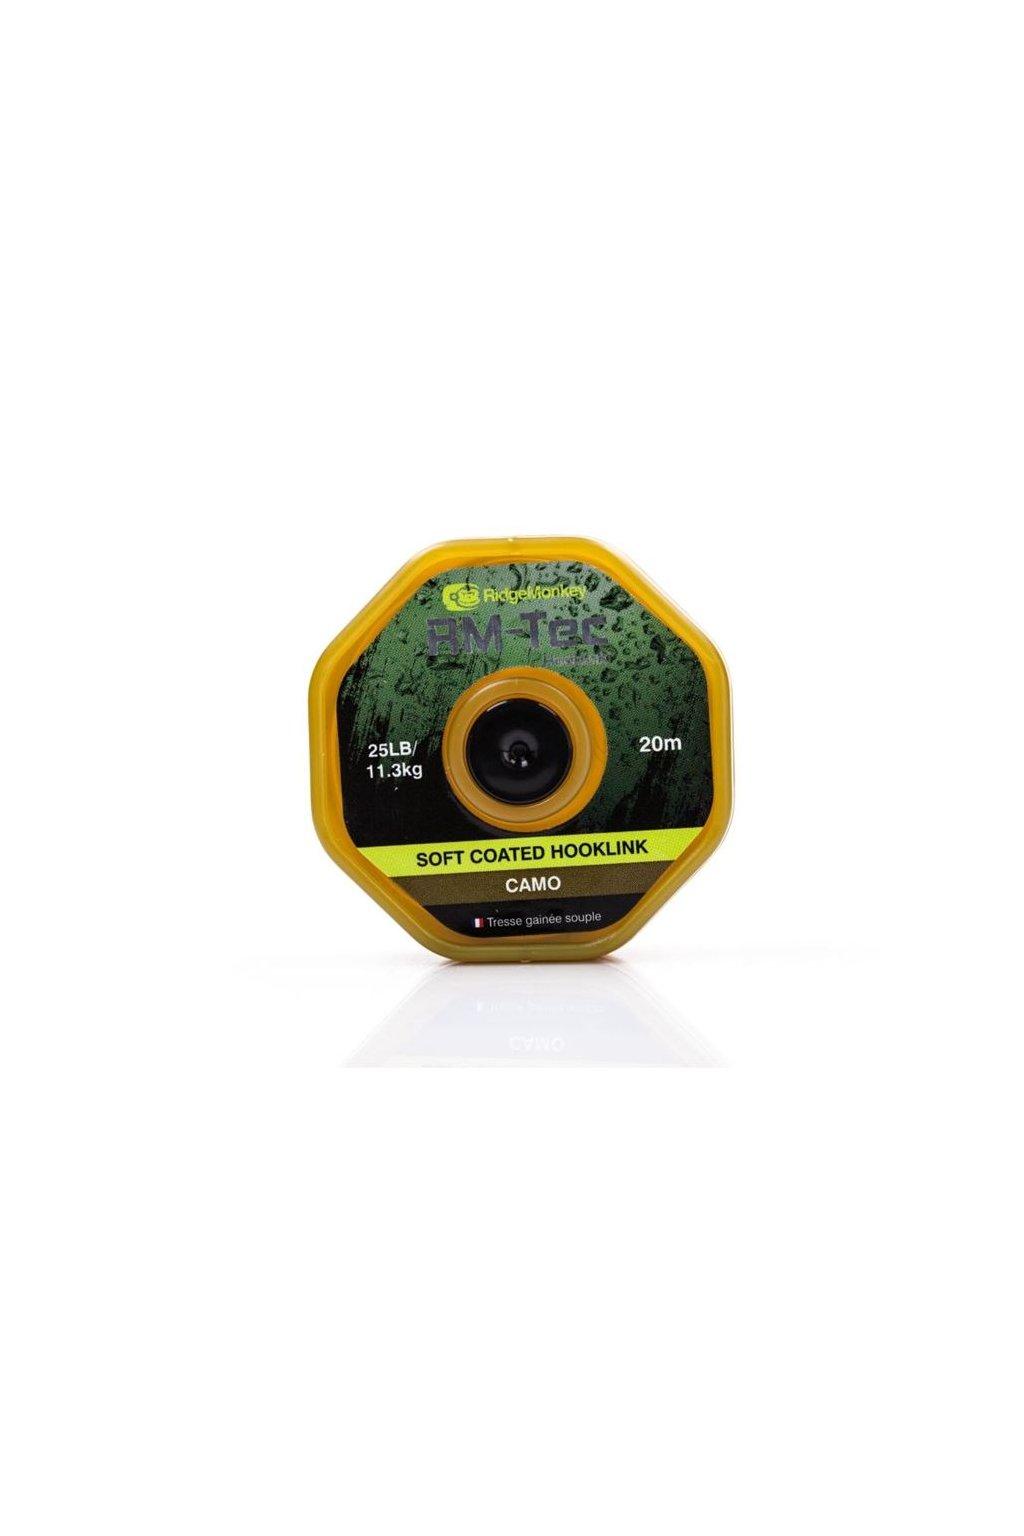 RidgeMonkey Šnůra RM-Tec Soft Coated Hooklink 20m Camo